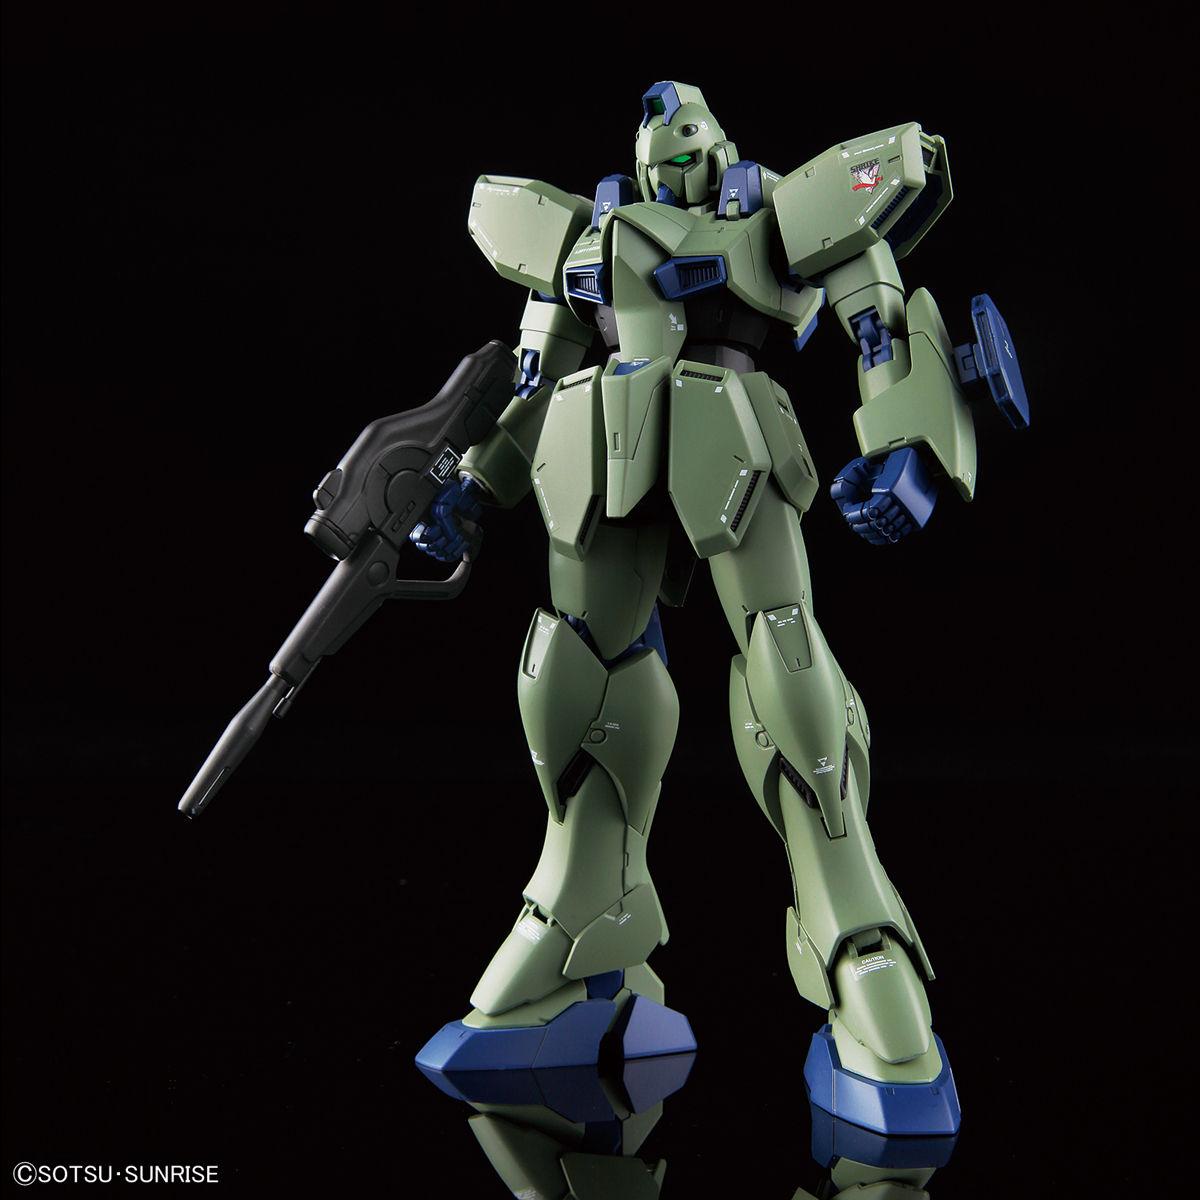 万代 RE/100 011 GUN EZ